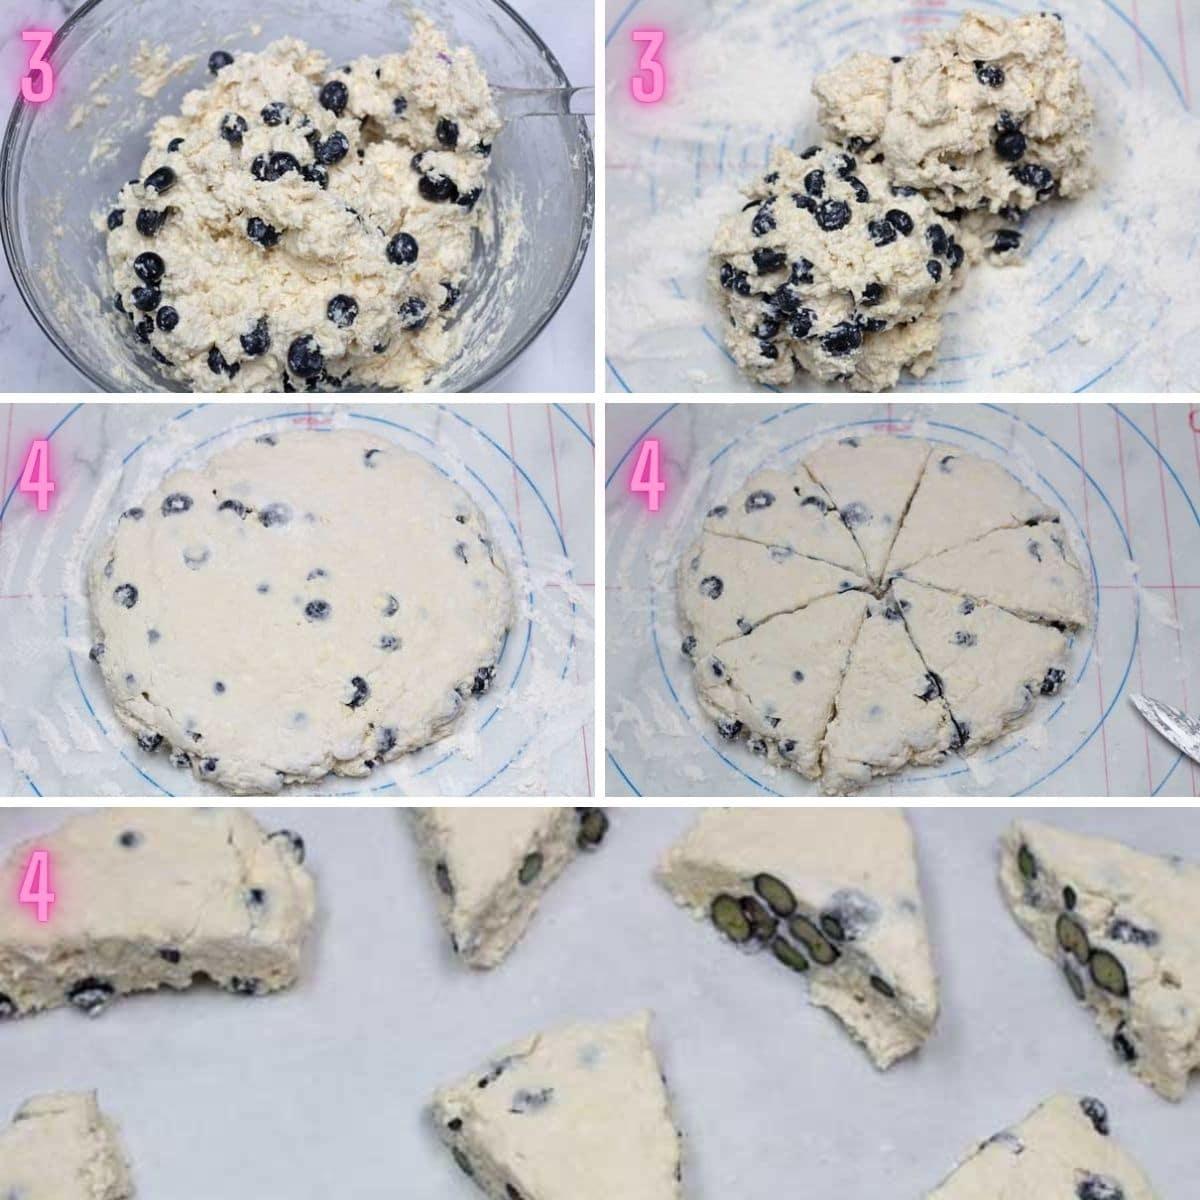 Mavi krem peynirli çörekler işlem sırası 2.